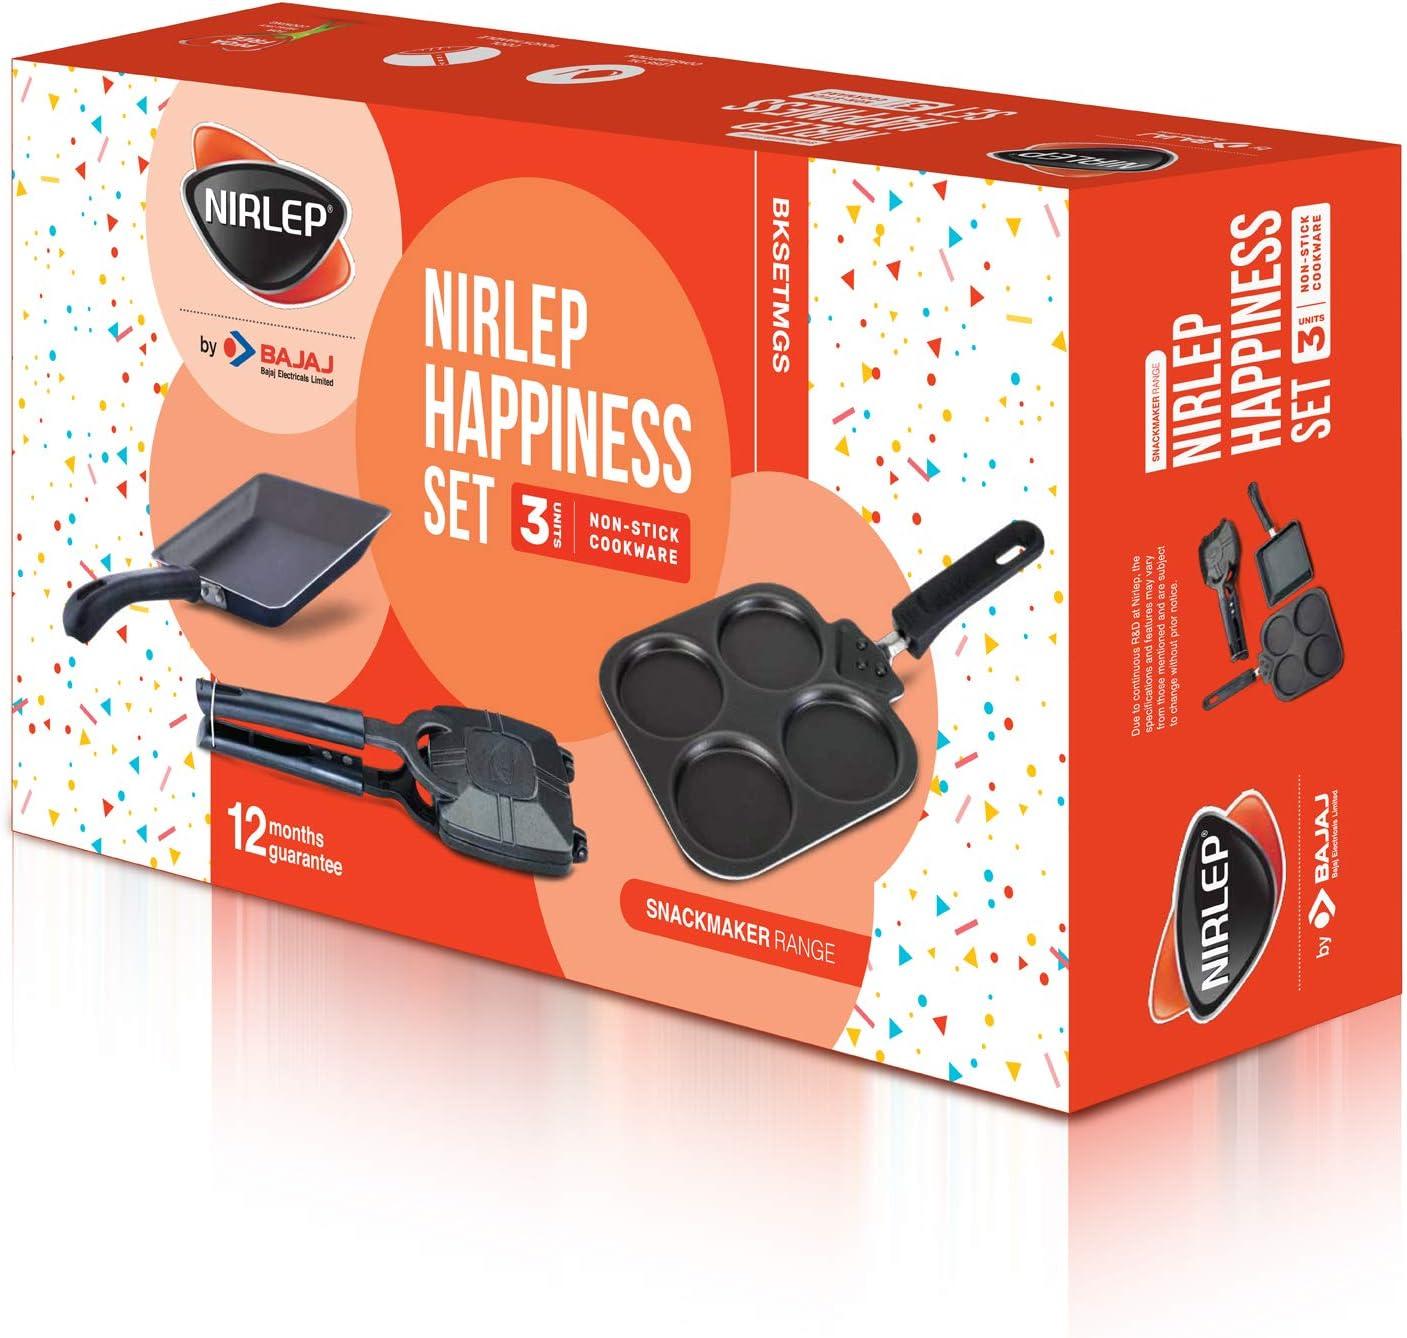 Nirlep by Bajaj Electricals 3-Piece Non-Stick Breakfast Gift Set (Multi Snack Maker 2.2 mm, Sandwich Griller 2 mm & Sandwich Pan 1.2 mm)